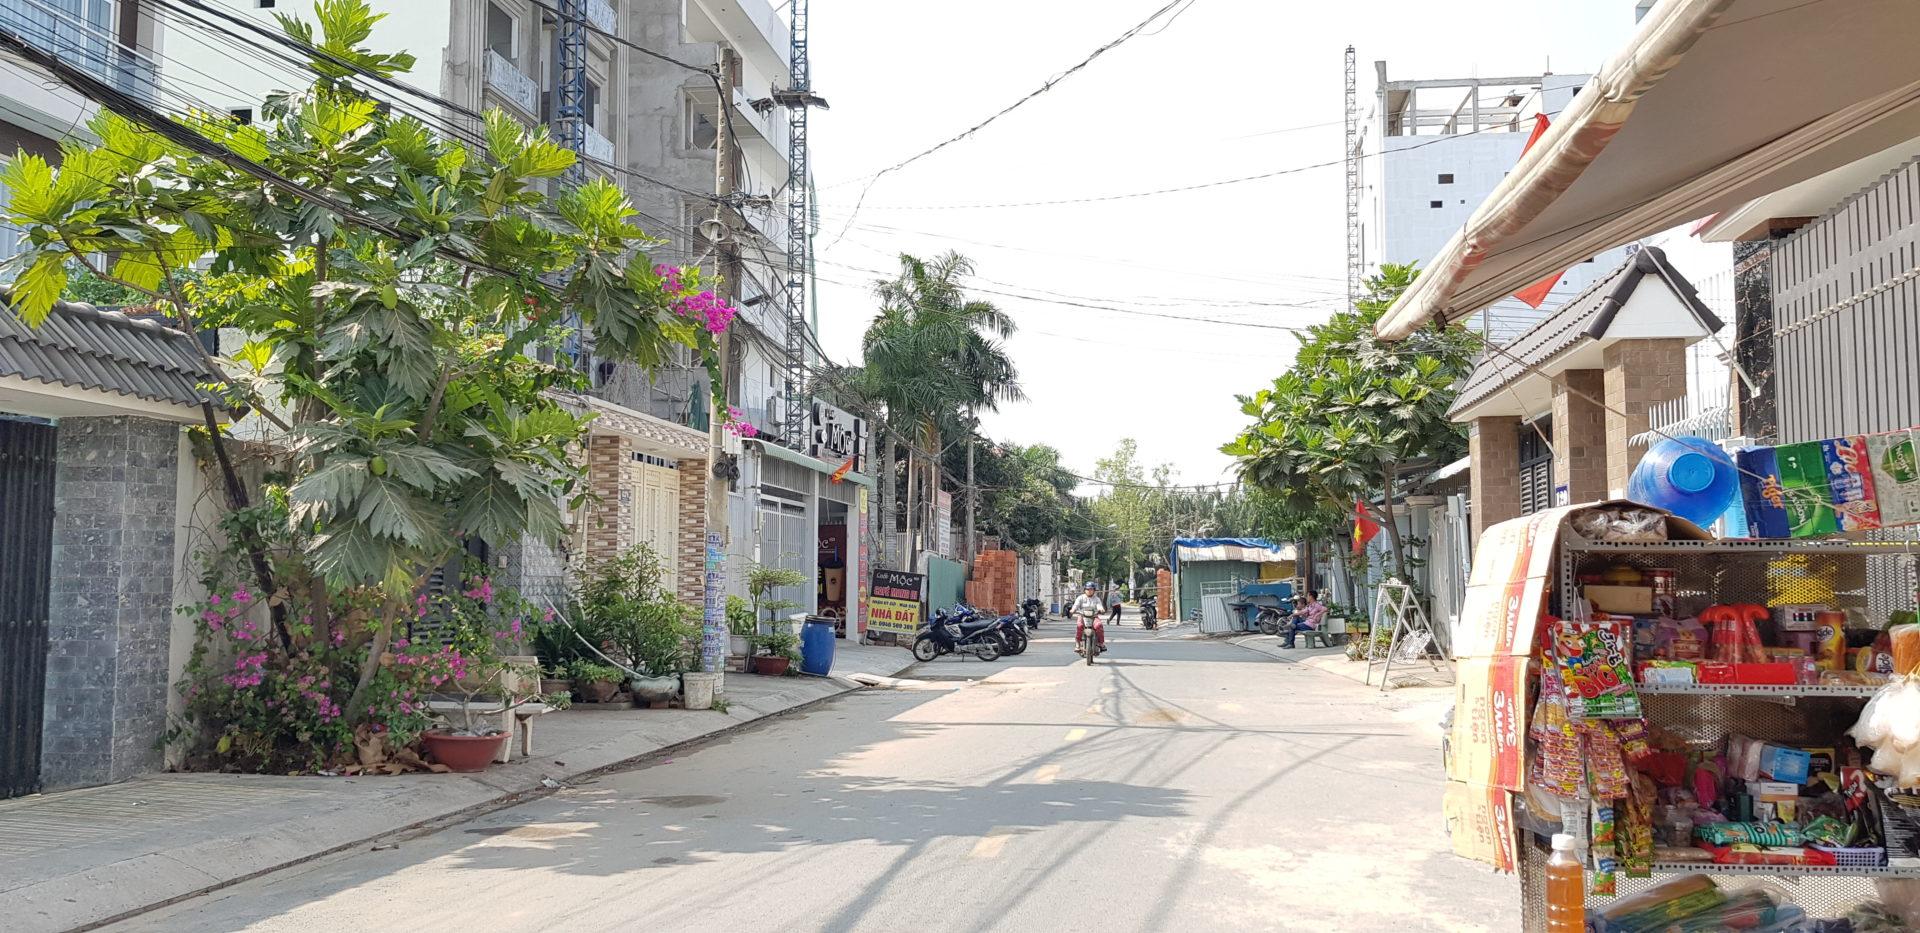 Đất Quận 9 Tăng Nhơn Phú A, Khu Sầm Uất Nhất Quận 9 Giá Cực Rẻ, 84m2 Chỉ 3,6 tỷ Ngang 5m Cực Đẹp